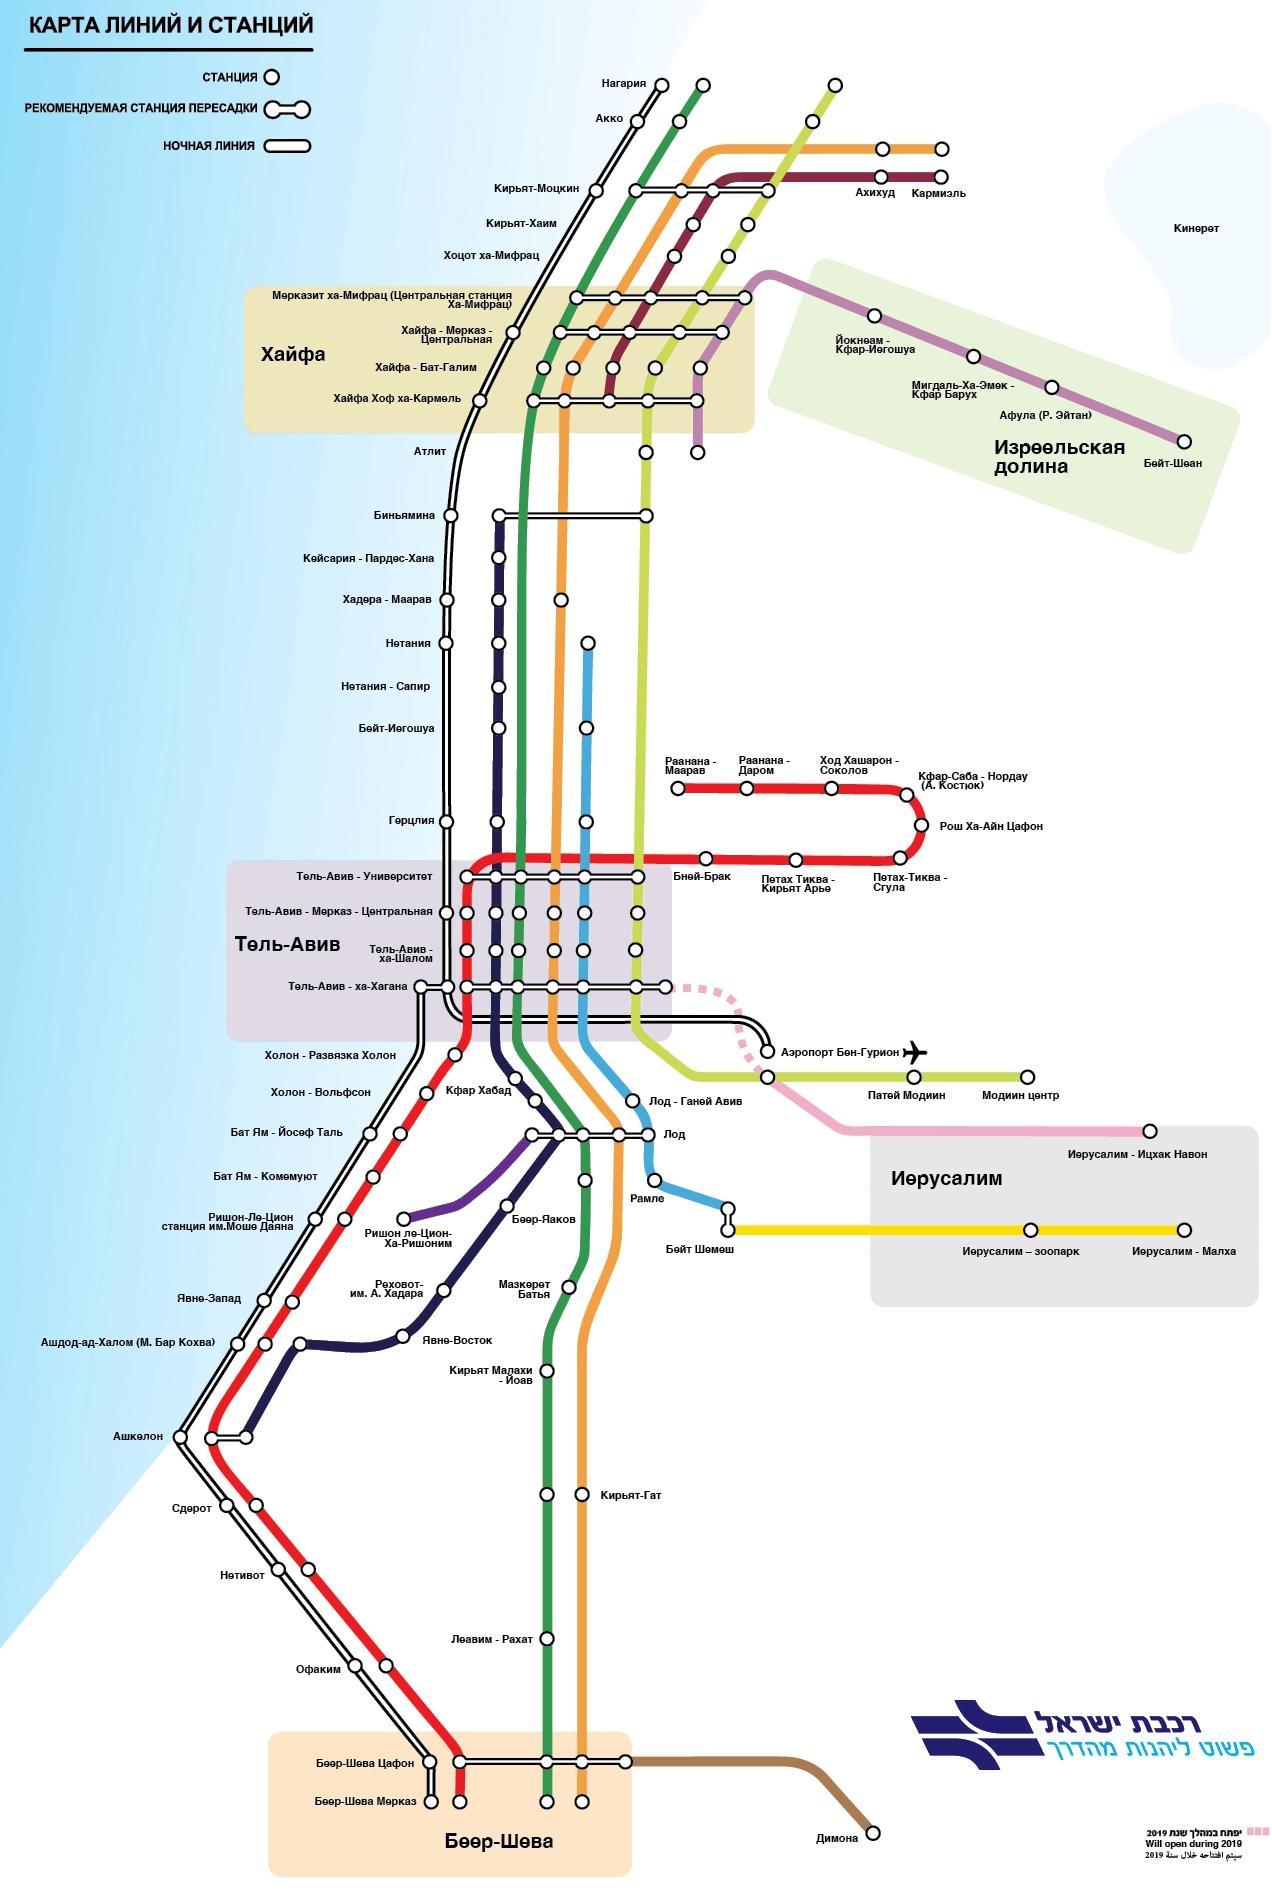 Схема движения Ракевет